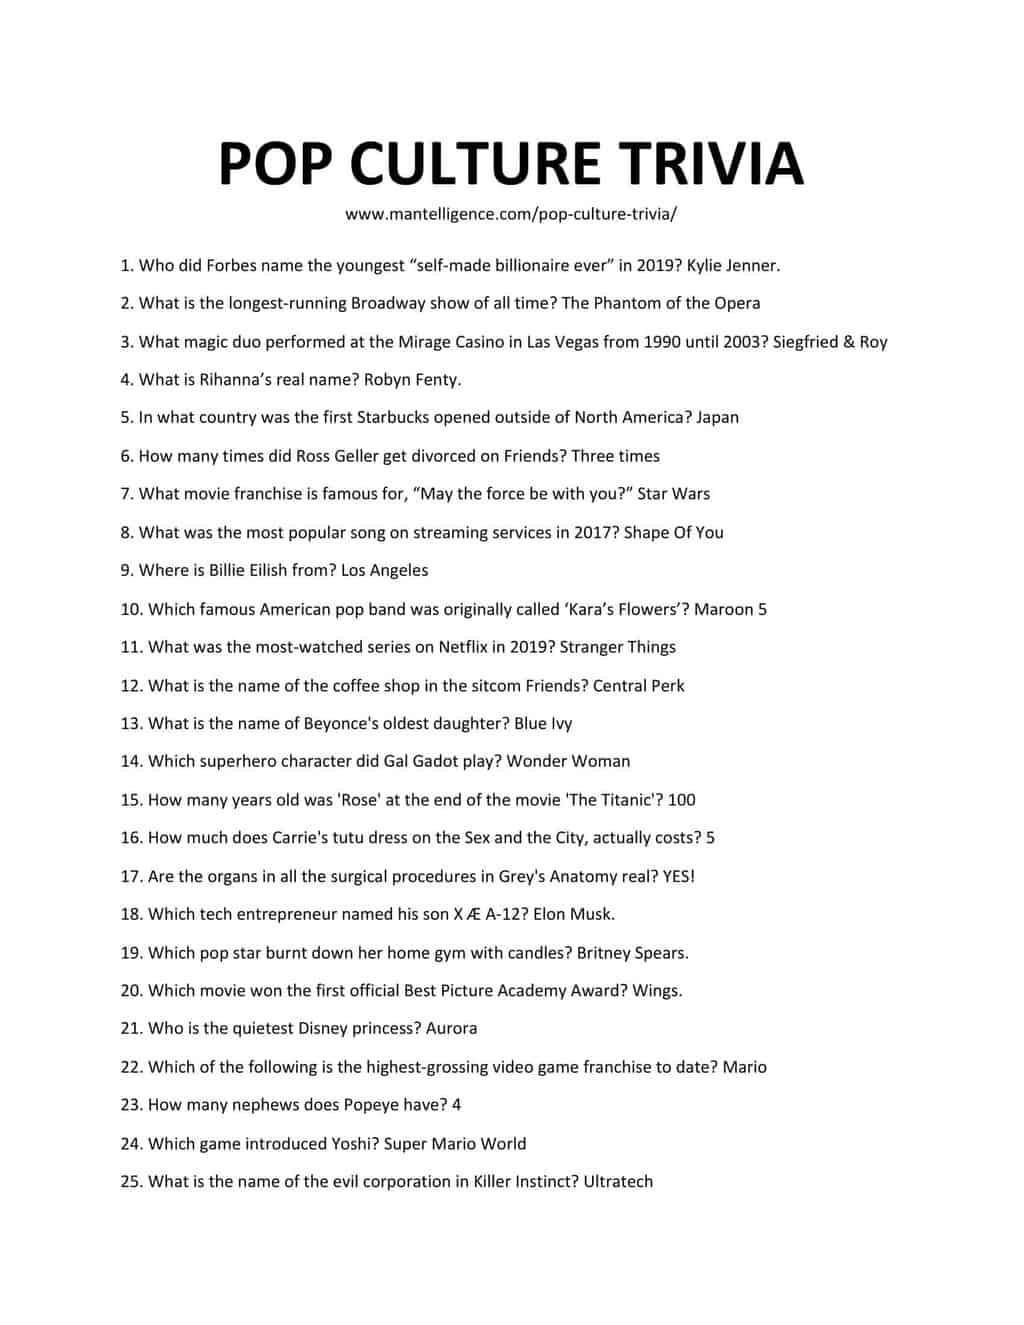 Pop Culture Trivia - Downloadable List of Pop Culture Trivia